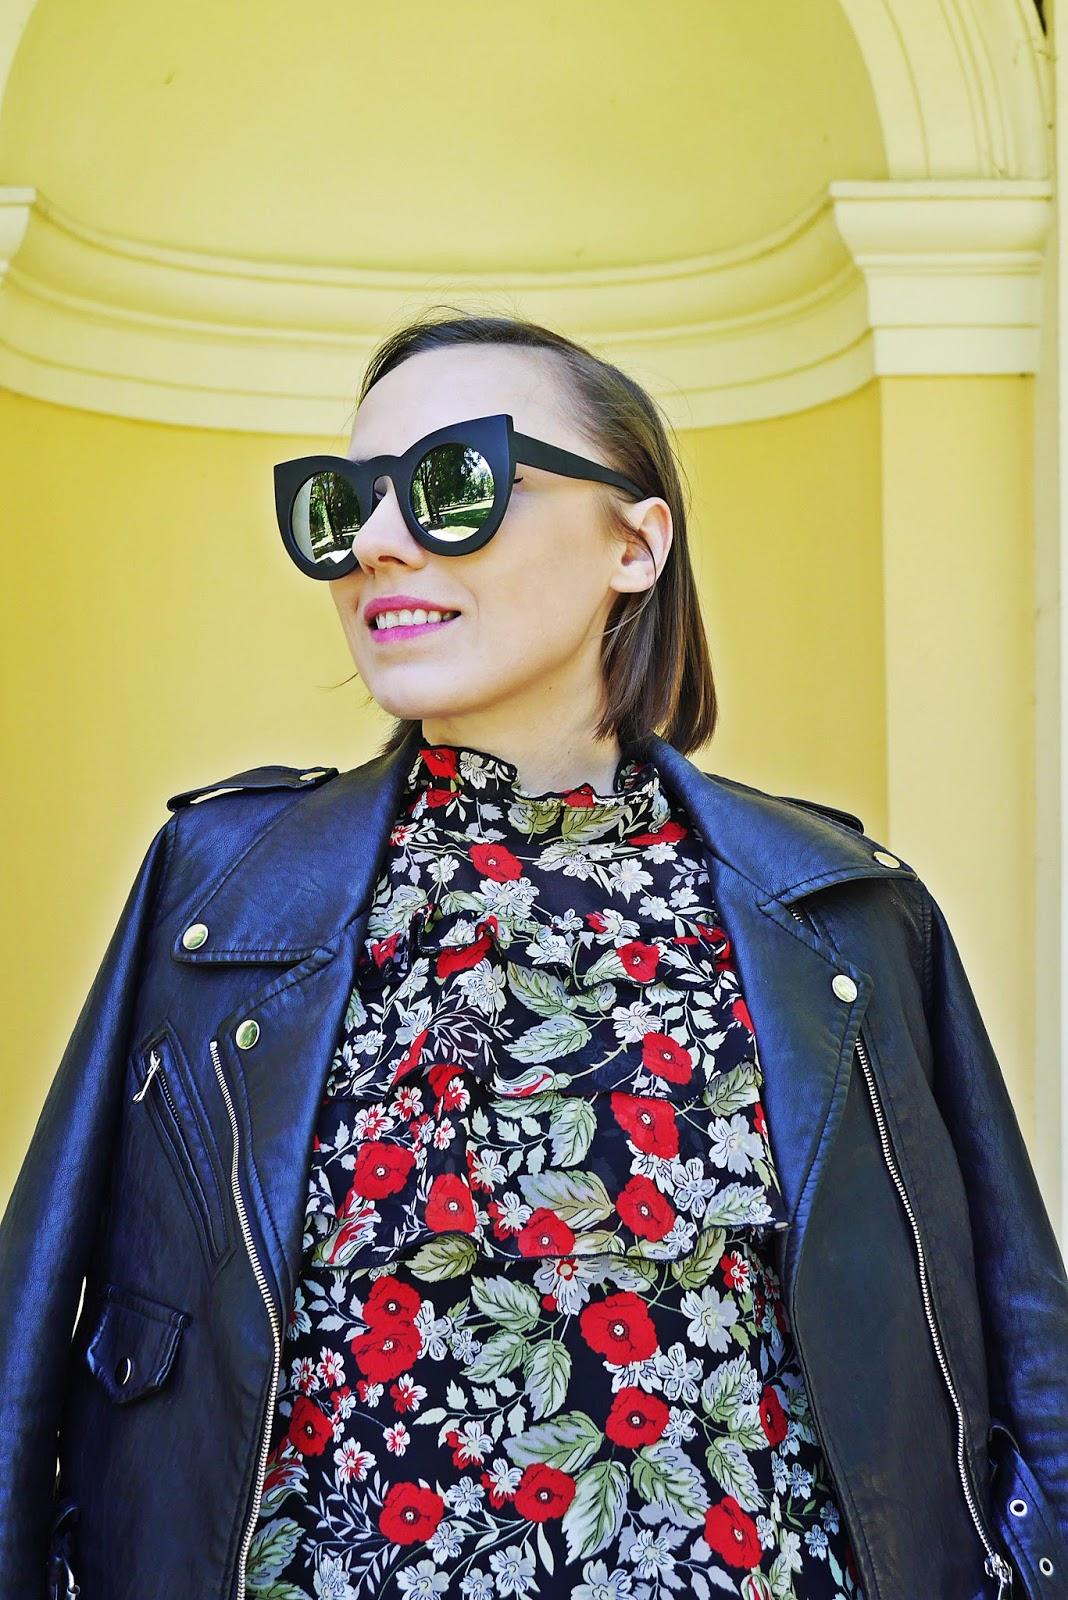 3_sukienka_falbanki_kwiaty_bonprix_skarpetkowe_botki_renee_karyn_blog-Modowy_140518